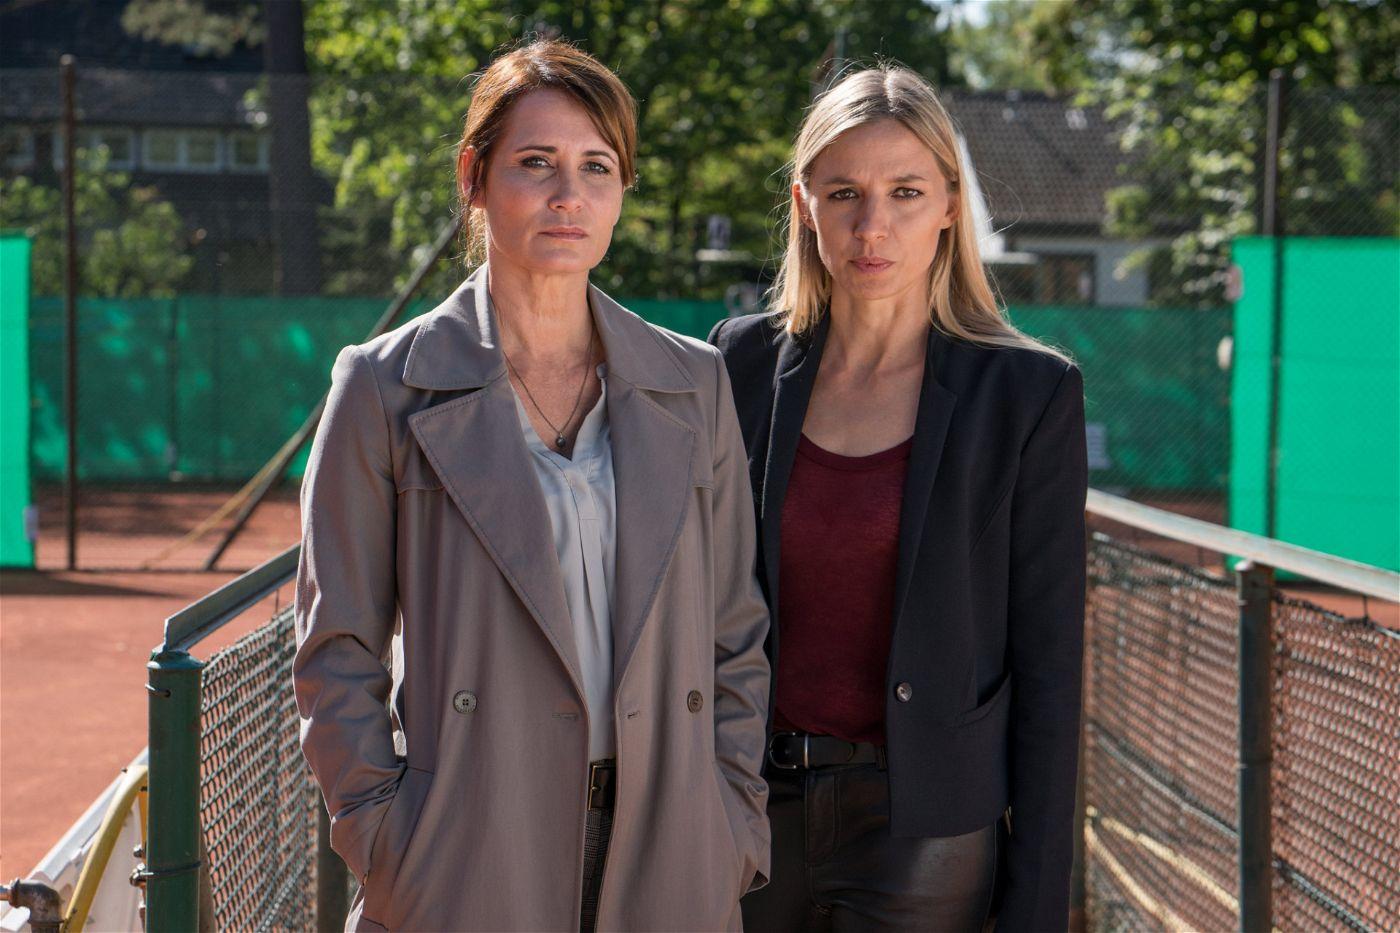 Maike (Anja Kling, l.) und Pia (Annika Blendl, r.) finden Hausbesitzer Krampe mit Britta Zuber auf dem Tennisplatz.